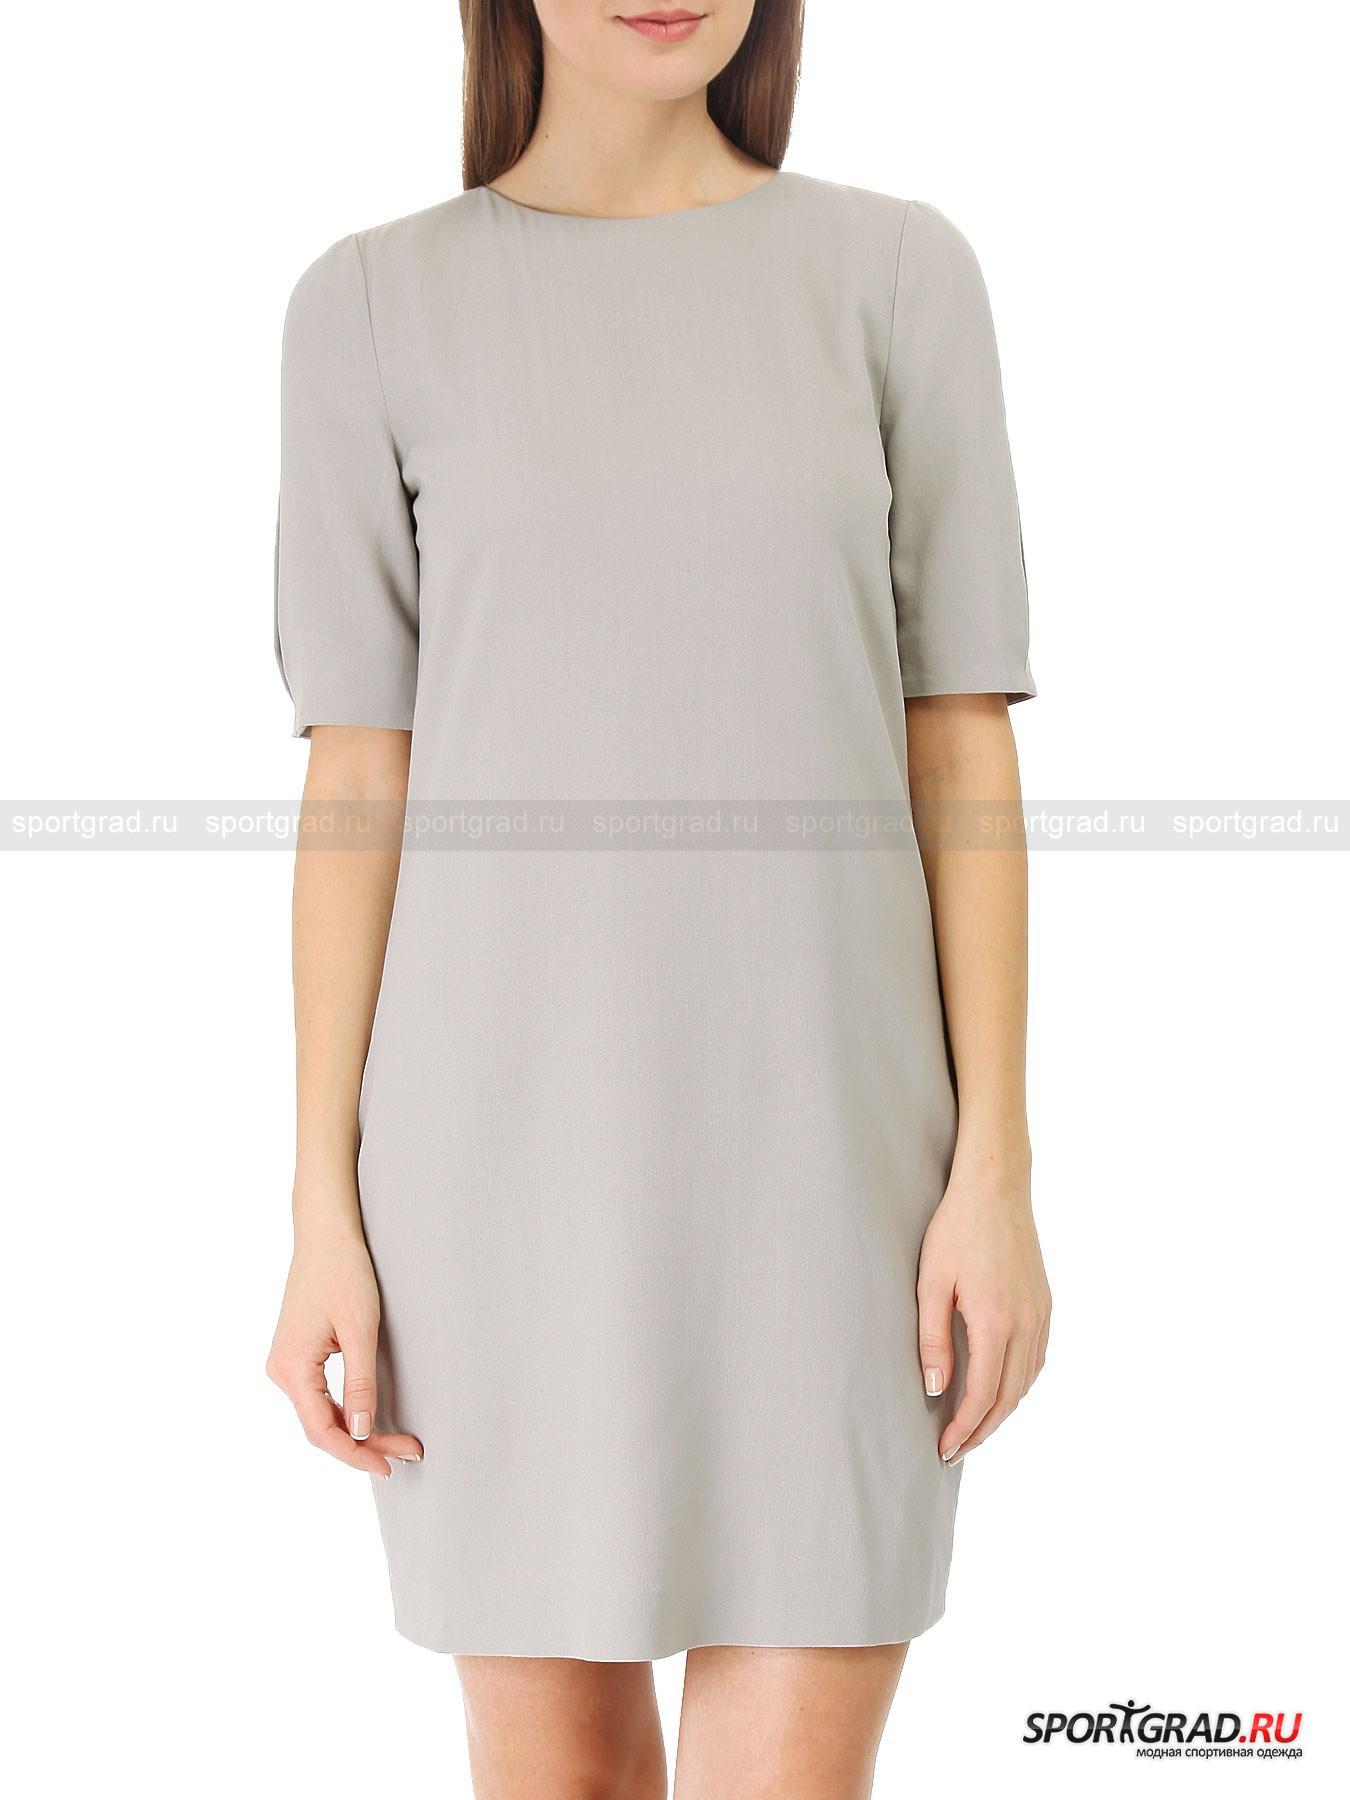 Платье Emporio ArmaniПлатья<br>Фасон платьев «кокон» остается очень популярным уже несколько лет подряд,  и это неудивительно, ведь такой покрой идет абсолютно всем. Он позволяет скрыть возможные недостатки фигуры, акцентируя внимание на ногах. Особенно эффектно такие платья смотрятся в однотонном варианте.<br><br>Великолепная модель благородного светло-серого цвета от Emporio Armani выполнена в духе минимализма, однако привлекает внимание за счет продуманного кроя и отличного материала. Здесь два слоя: прозрачная подкладка-сеточка и тонкая, но плотная верхняя ткань. <br><br>Особенности модели:<br>- драпировки на спине;<br>- два кармана по бокам;<br>- разреза на рукавах.<br><br>Пол: Женский<br>Возраст: Взрослый<br>Тип: Платья<br>Рекомендации по уходу: не стирать; не отбеливать; гладить слегка нагретым утюгом (температура до 110 C); химическая чистка сухим способом; нельзя выжимать и сушить в стиральной машине<br>Состав: 60% вискоза, 40% шерсть; подкладка 100% полиэстер